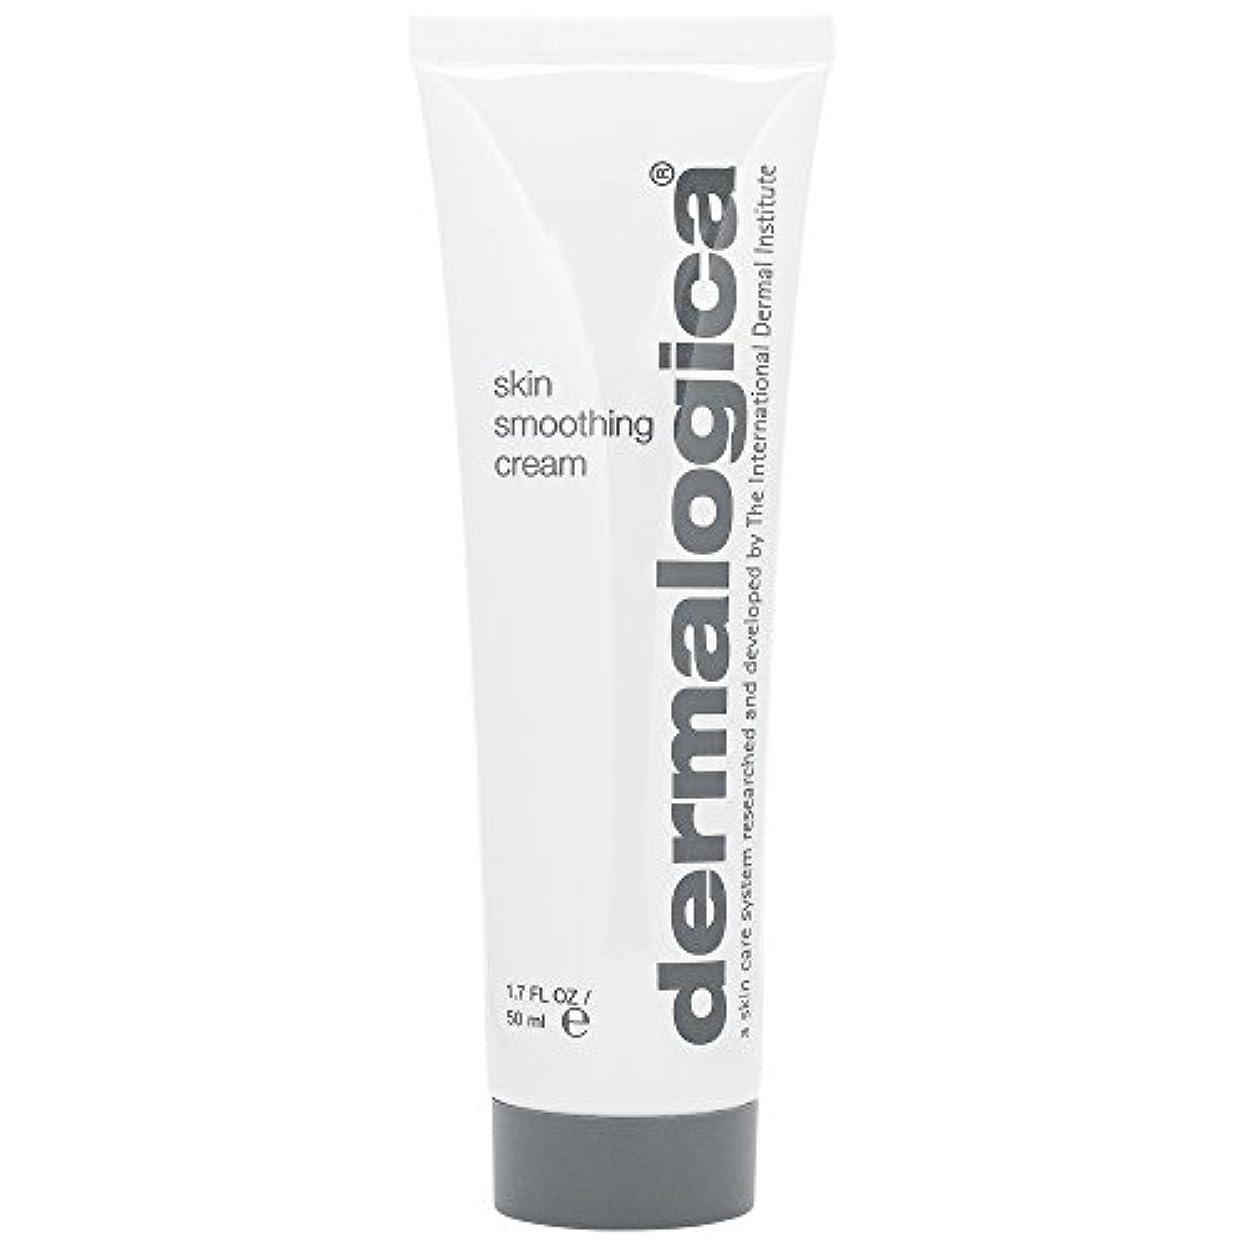 消毒剤ラインナップヒゲダーマロジカスキンスムージングクリーム50ミリリットル (Dermalogica) (x2) - Dermalogica Skin Smoothing Cream 50ml (Pack of 2) [並行輸入品]